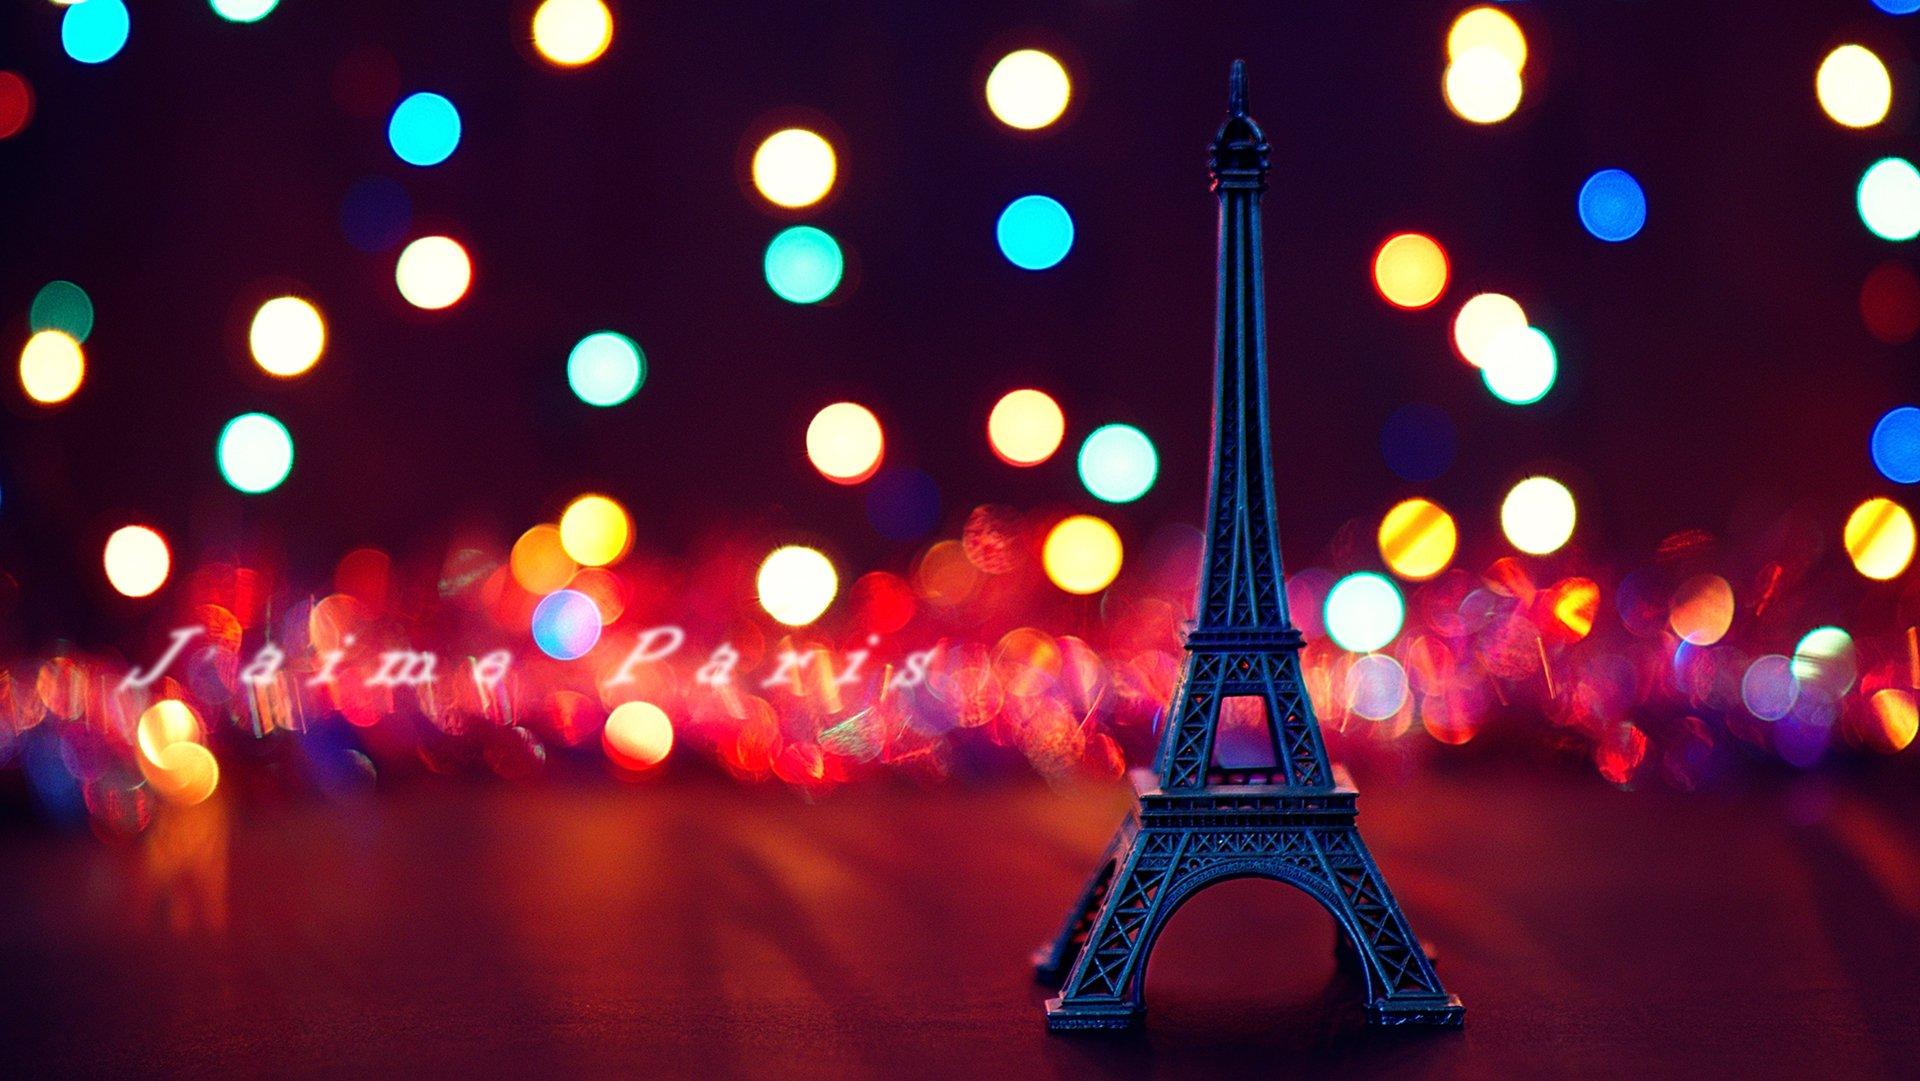 Париж из космоса  № 3715201  скачать